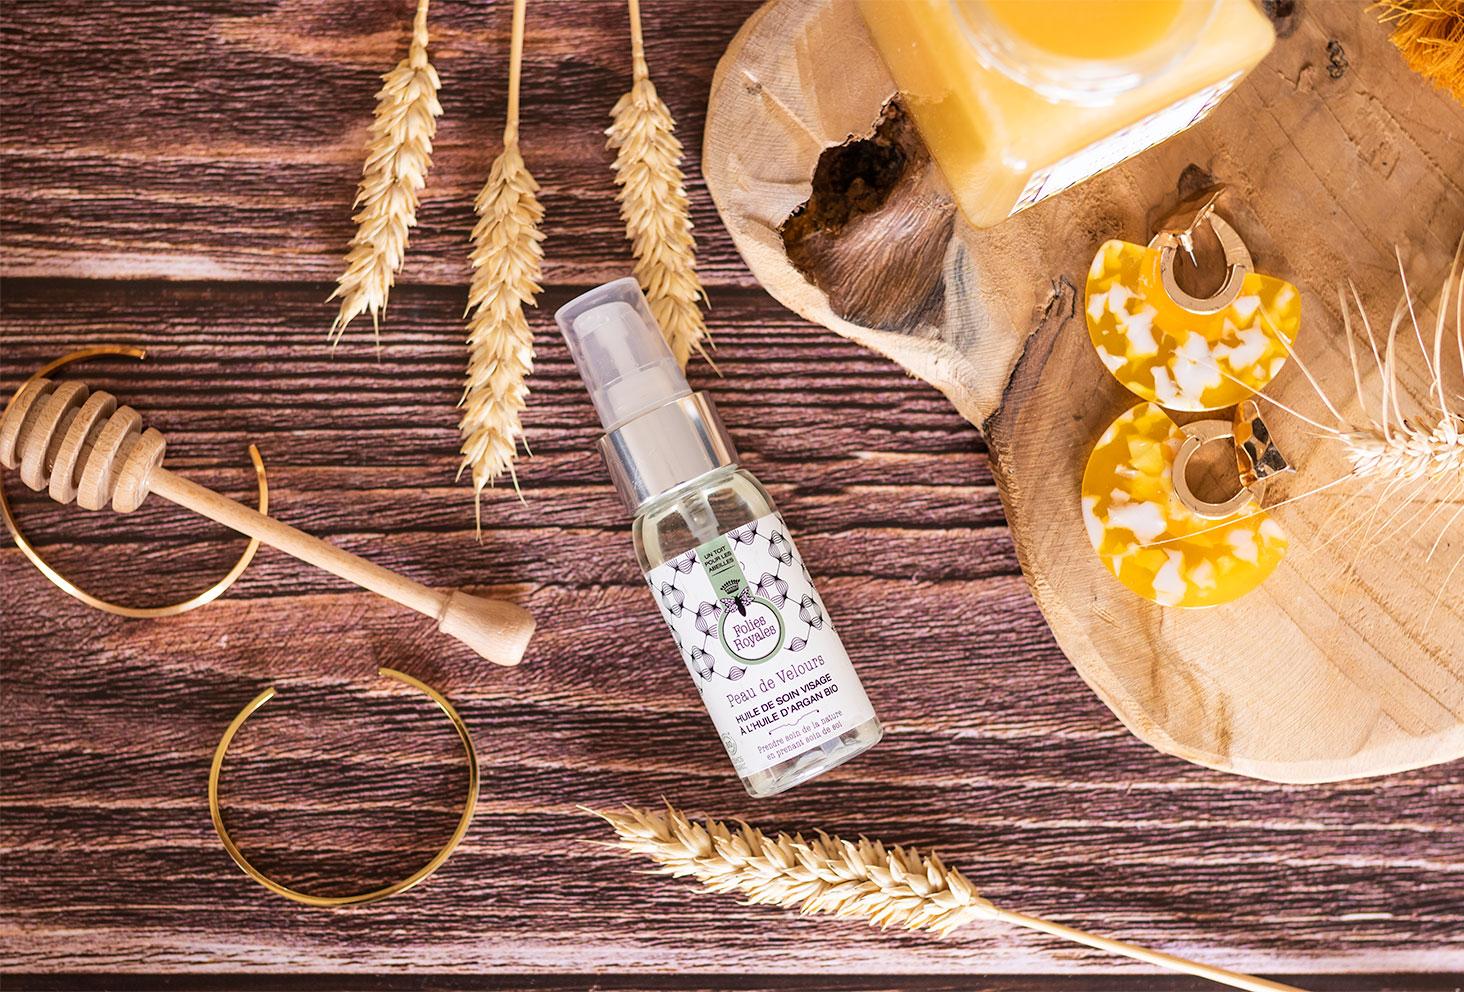 L'huile de soin visage vu de haut, posé sur un fond en bois, à côté s'une planche à découper au milieu de blé séché, de miel et de bijoux dorés